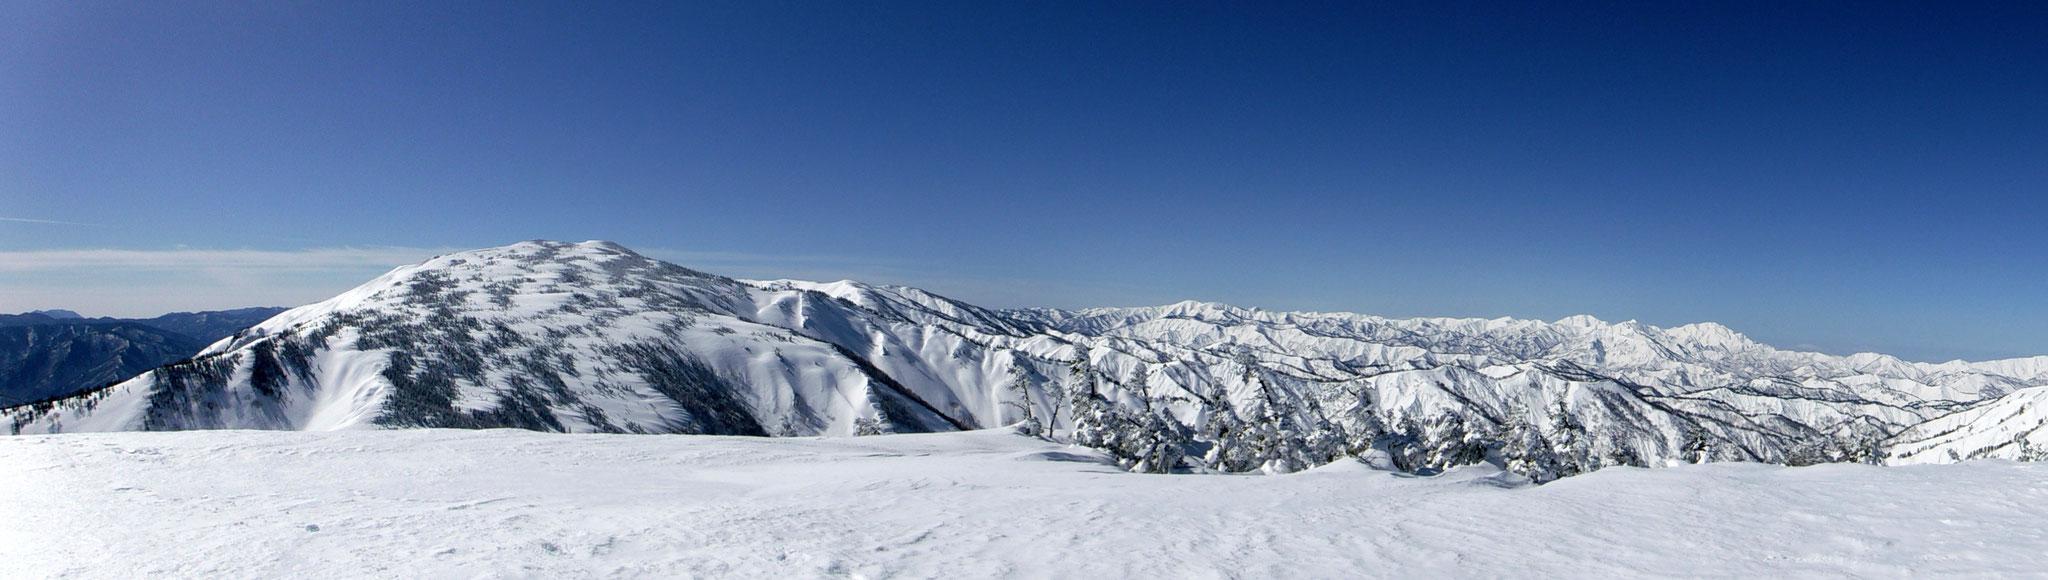 窓明山からのパノラマ